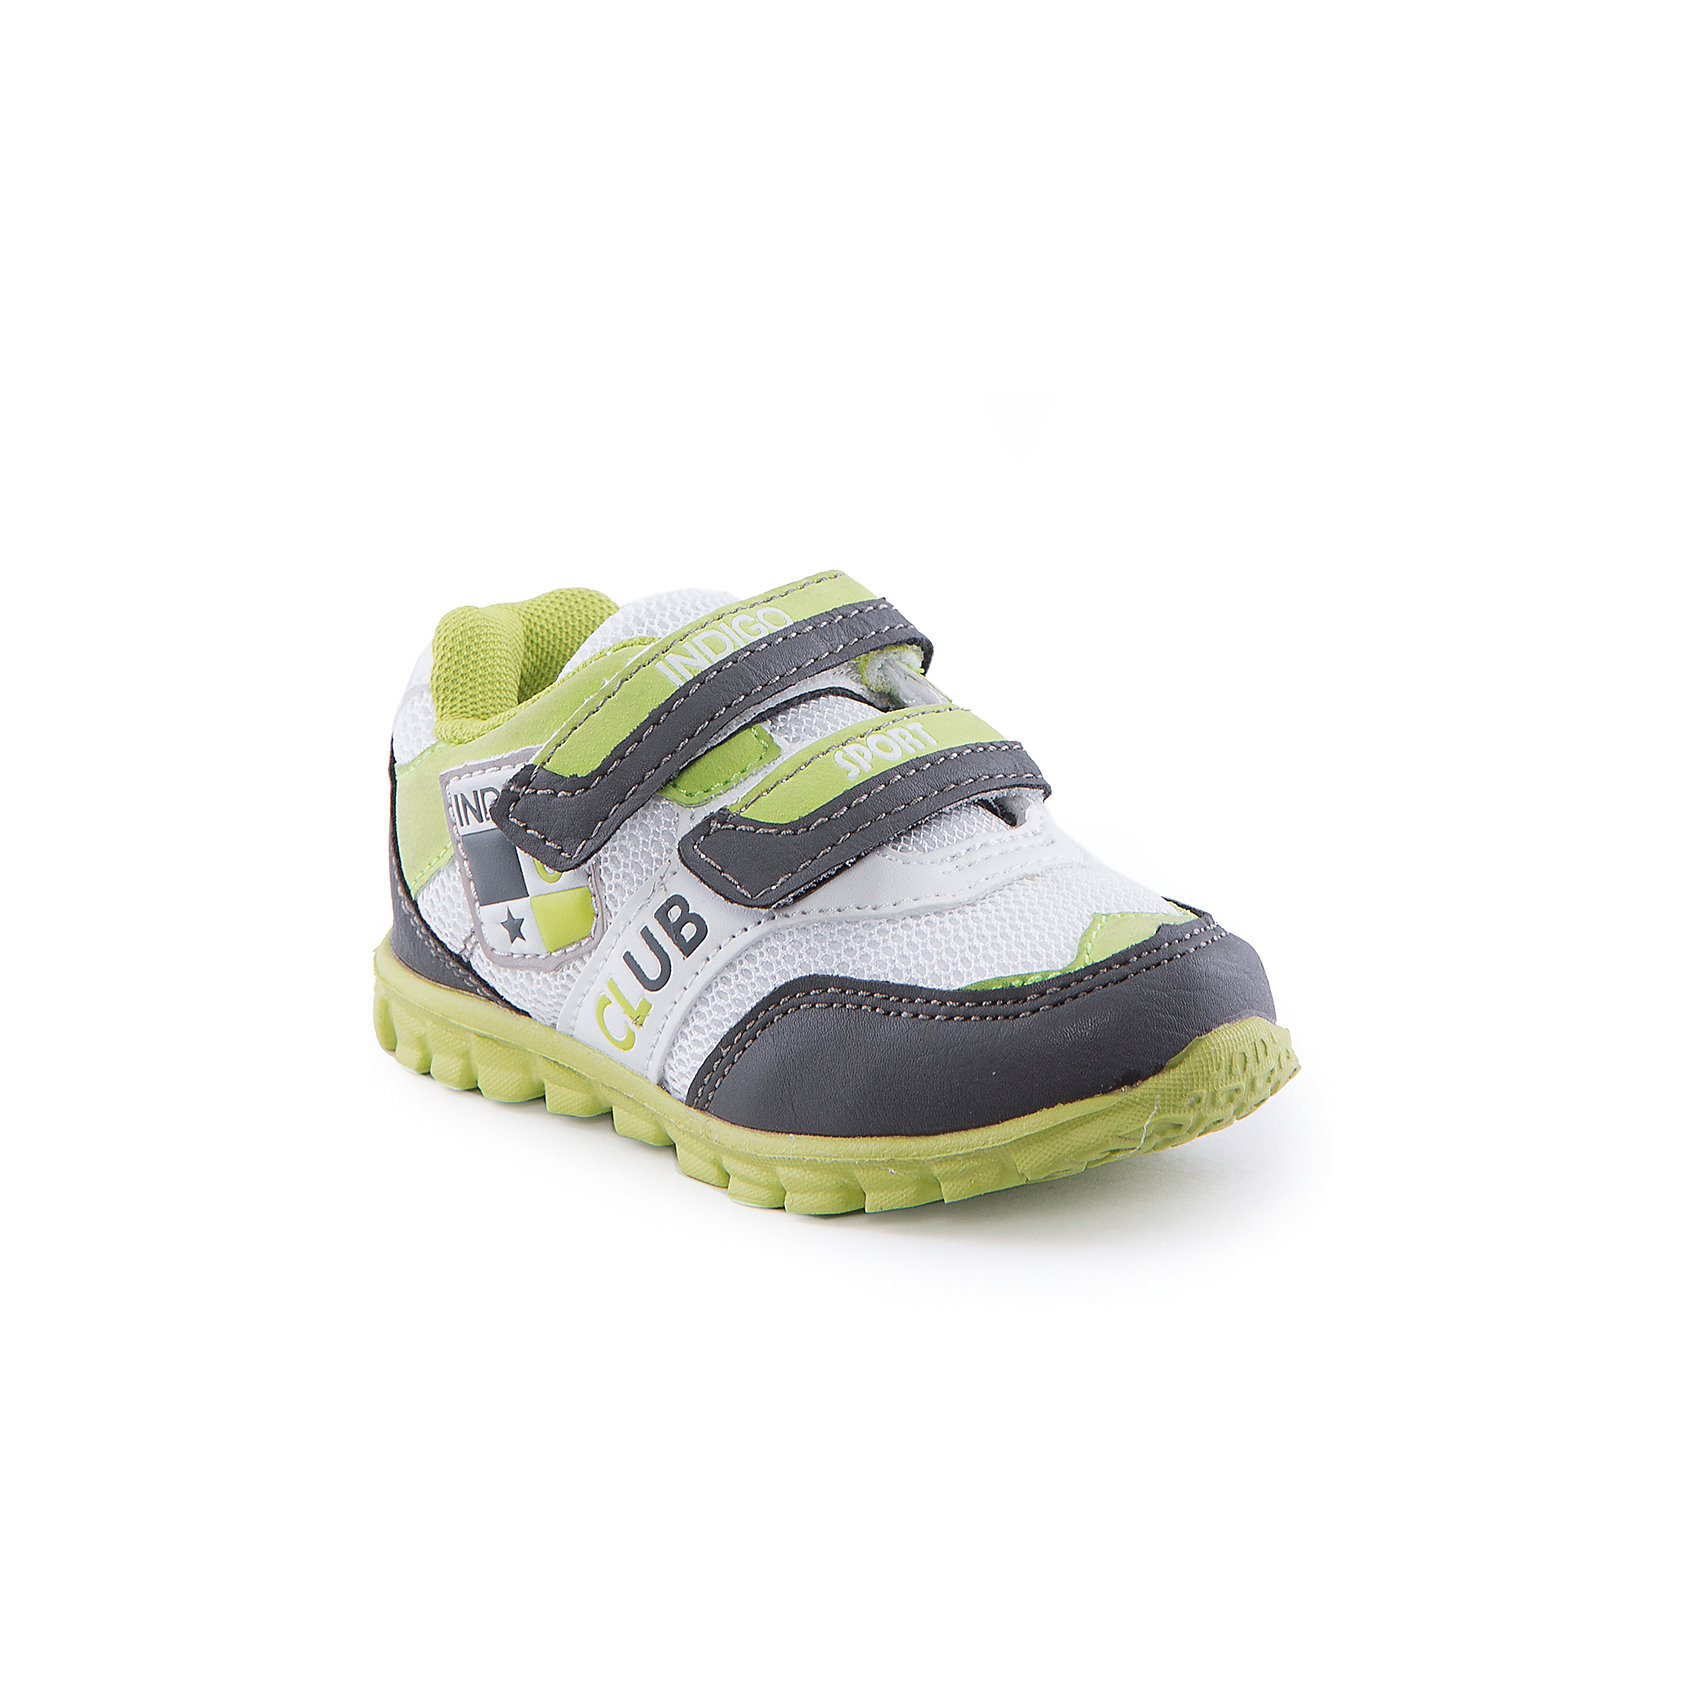 Кроссовки для мальчика Indigo kidsБотинки для мальчика от известного бренда Indigo kids<br><br>Яркие и стильные кроссовки позволяют ножкам ребенка свободно дышать. Они легко надеваются и комфортно садятся по ноге. <br><br>Особенности модели:<br><br>- цвет - салатовый, серый, белый;<br>- стильный дизайн;<br>- удобная колодка;<br>- текстильная подкладка;<br>- украшены яркими вставками;<br>- устойчивая подошва;<br>- дышащая ткань;<br>- застежки: липучки.<br><br>Дополнительная информация:<br><br>Температурный режим:<br>от +10° С до +20° С<br><br>Состав:<br><br>верх – искусственная кожа/текстиль;<br>подкладка - текстиль;<br>подошва - ТЭП.<br><br>Ботинки для мальчика Indigo kids (Индиго Кидс) можно купить в нашем магазине.<br><br>Ширина мм: 262<br>Глубина мм: 176<br>Высота мм: 97<br>Вес г: 427<br>Цвет: серый<br>Возраст от месяцев: 12<br>Возраст до месяцев: 15<br>Пол: Мужской<br>Возраст: Детский<br>Размер: 21,26,22,23,24,25<br>SKU: 4520216